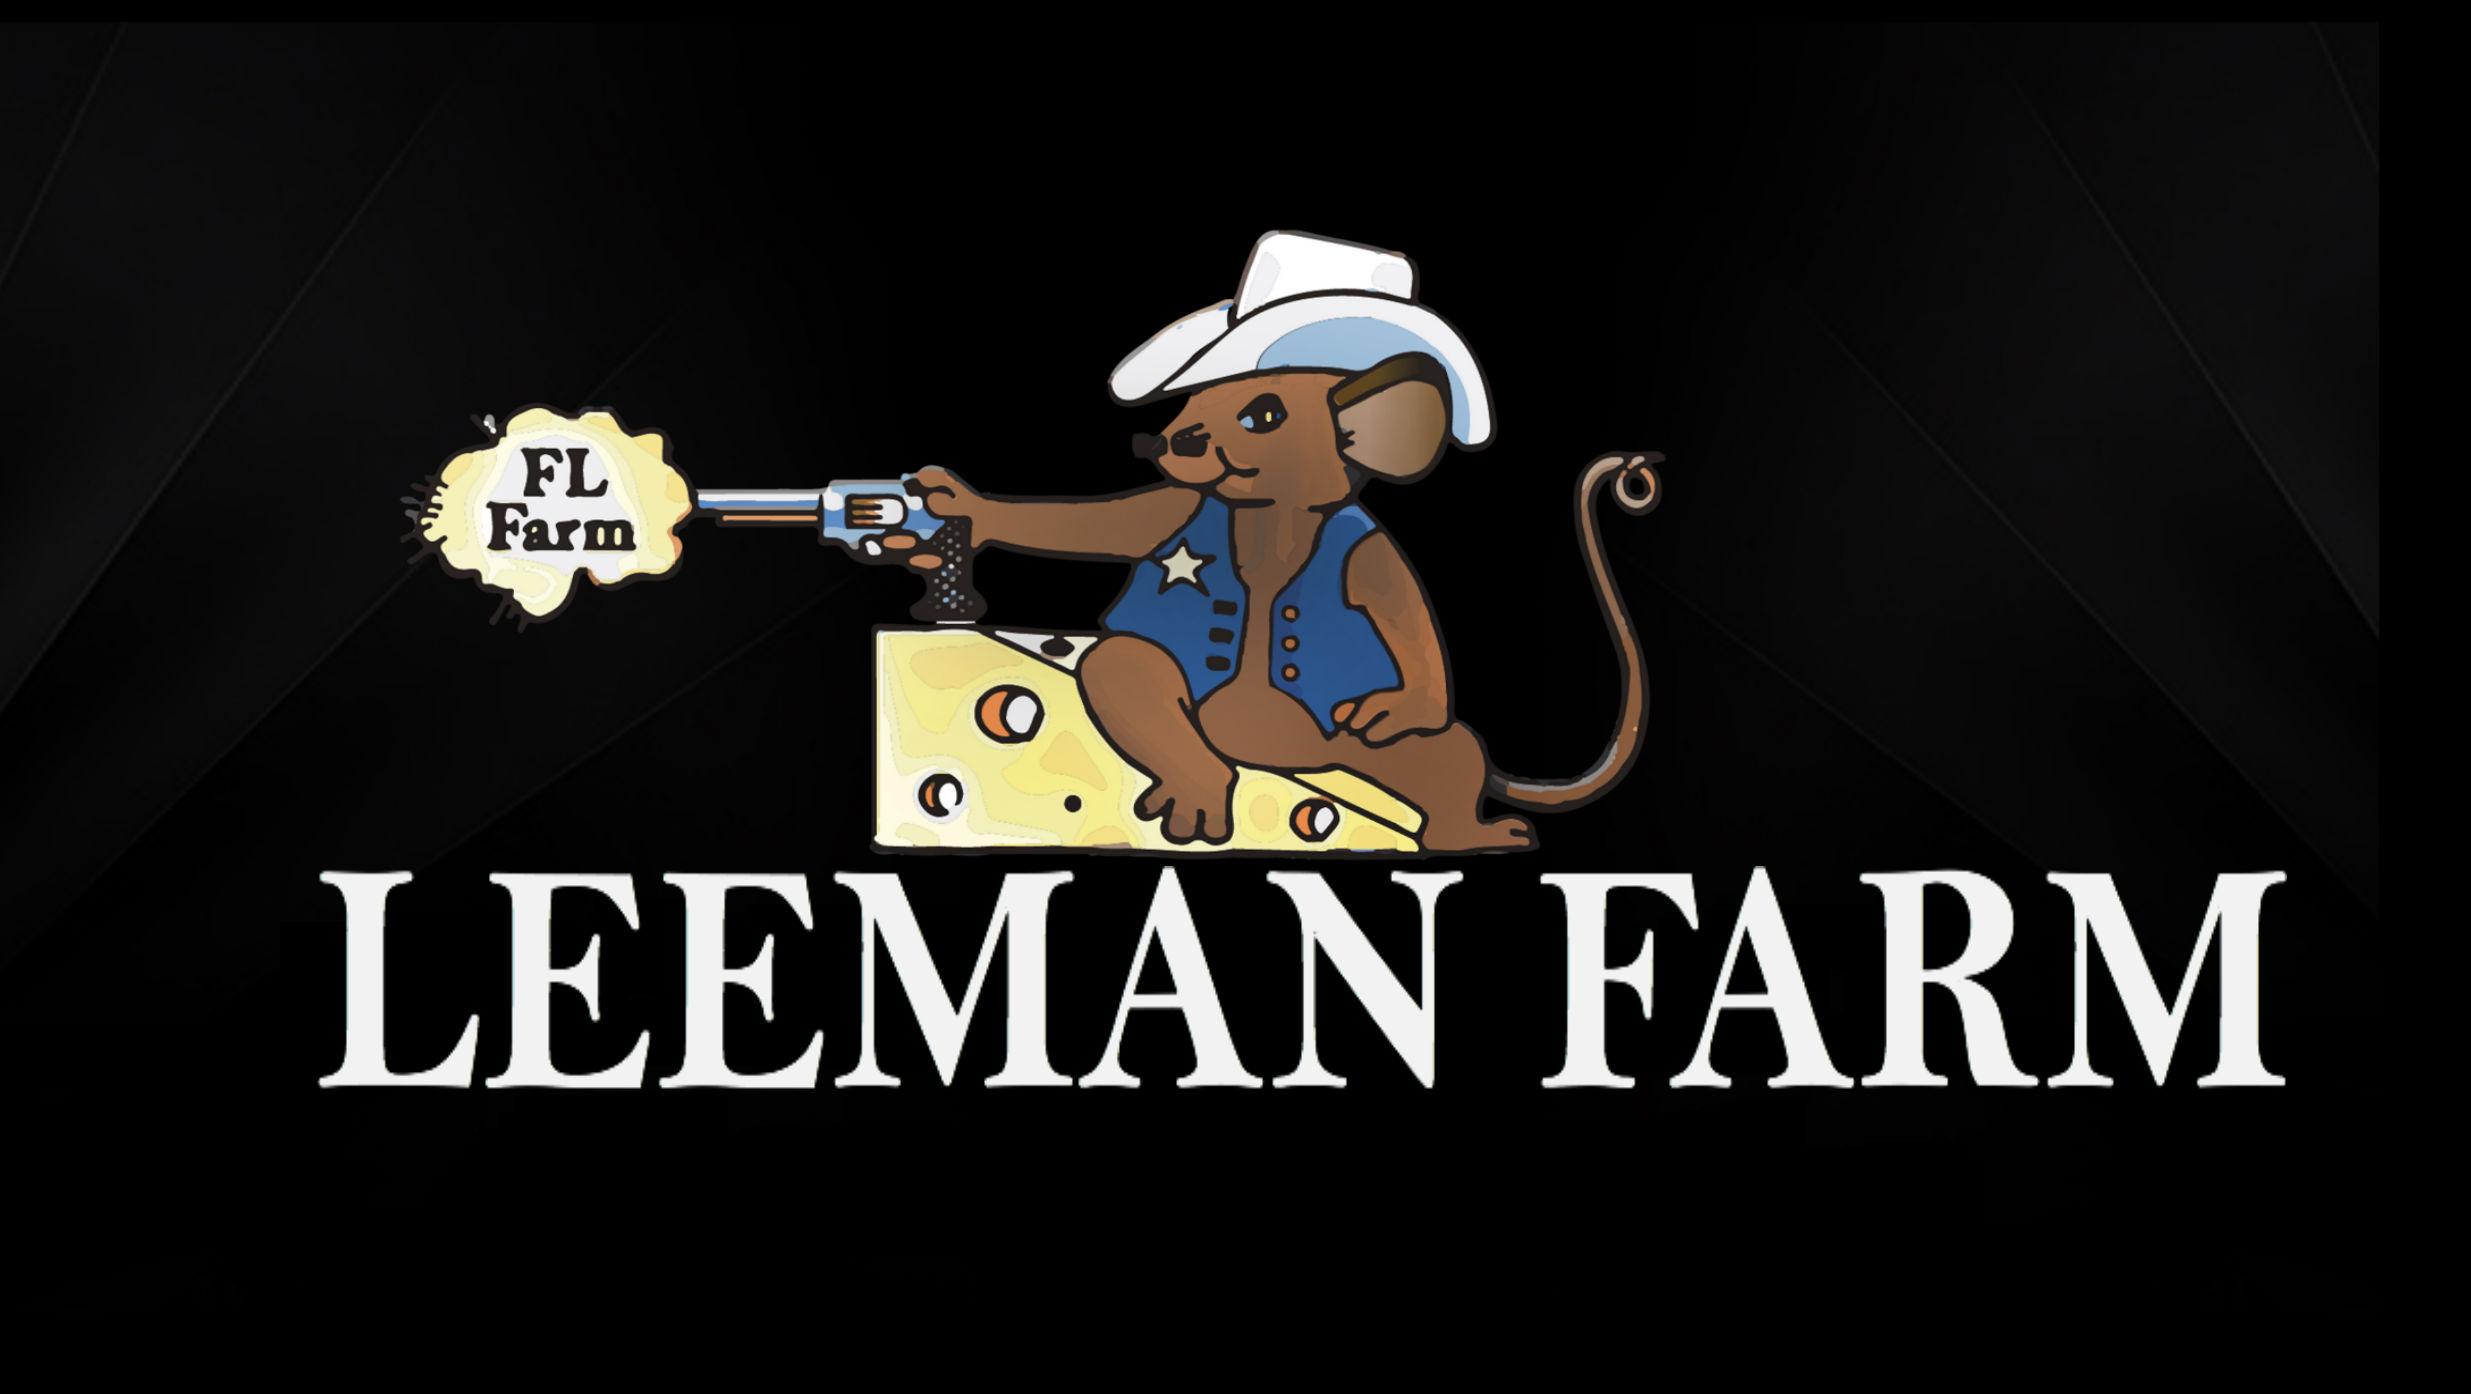 LeemanFarm Logo